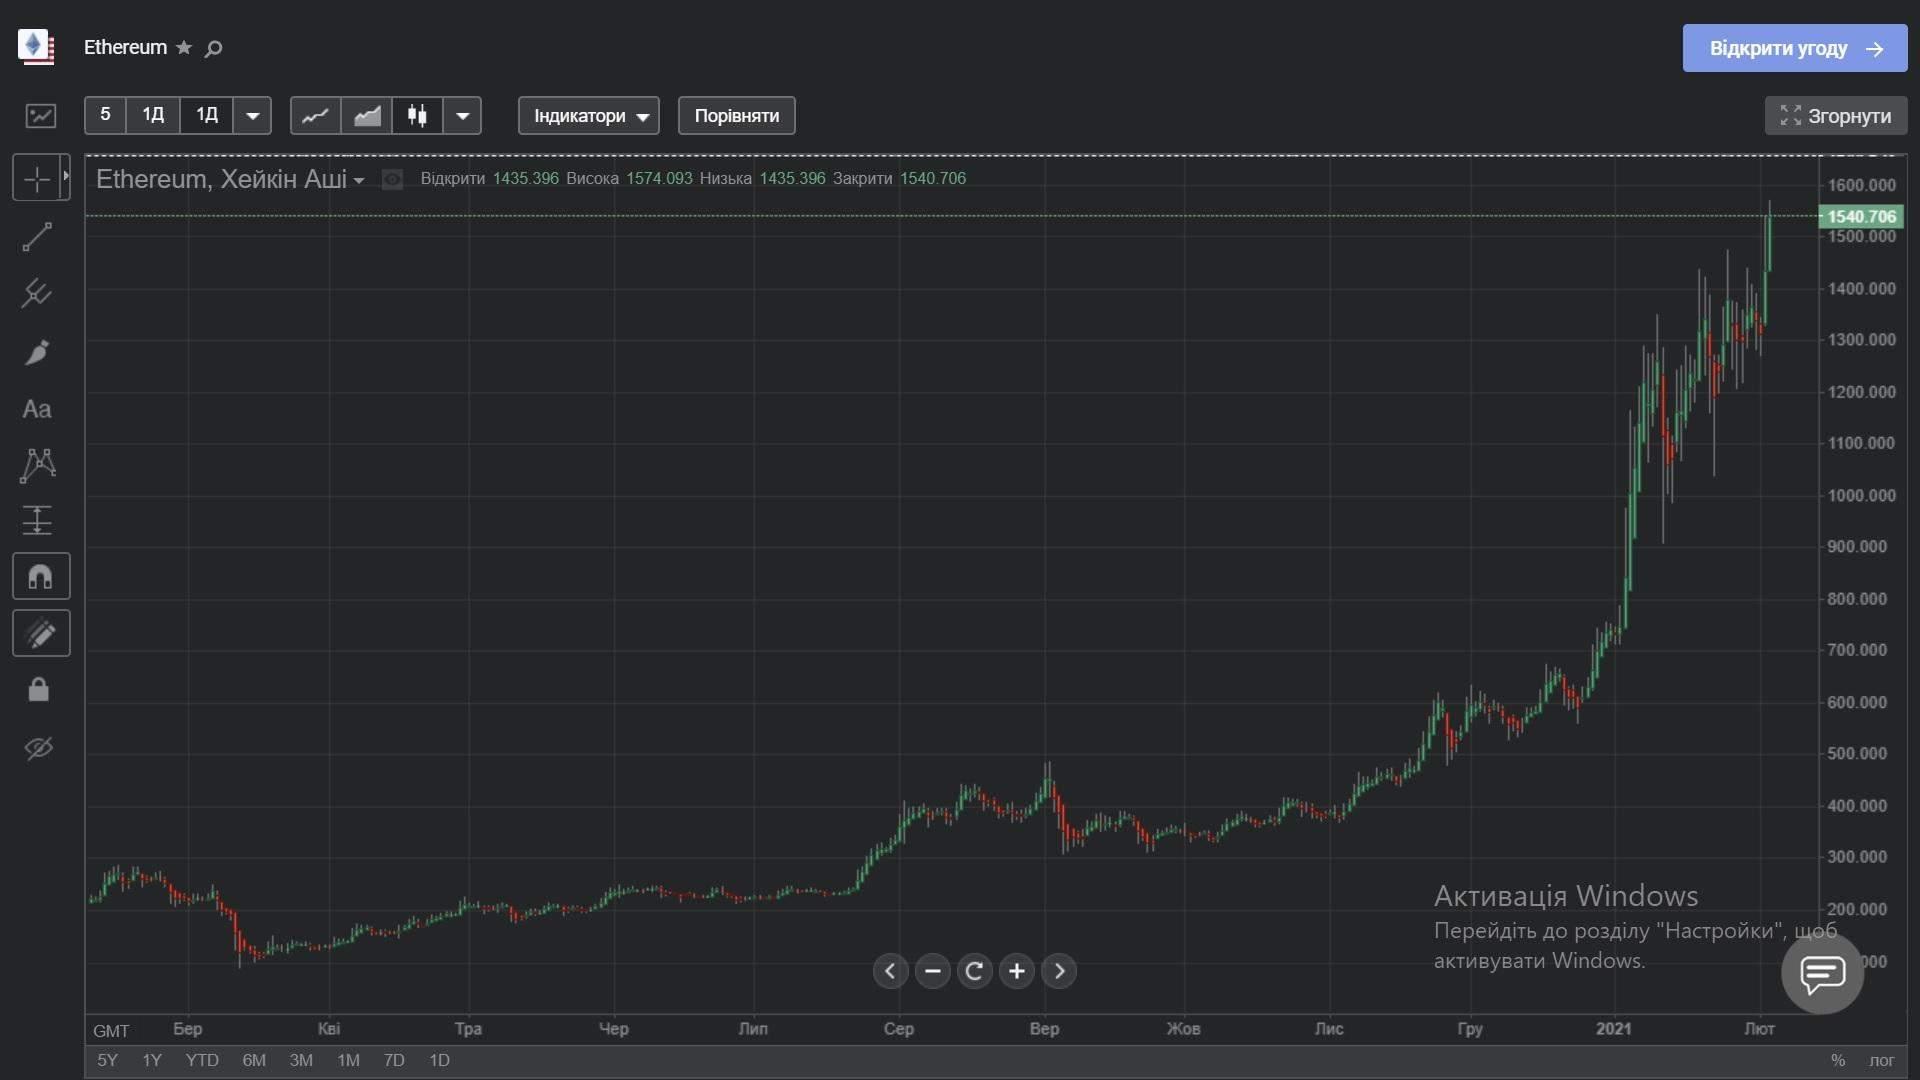 Ціна Ethereum протягом останніх 12 місяців